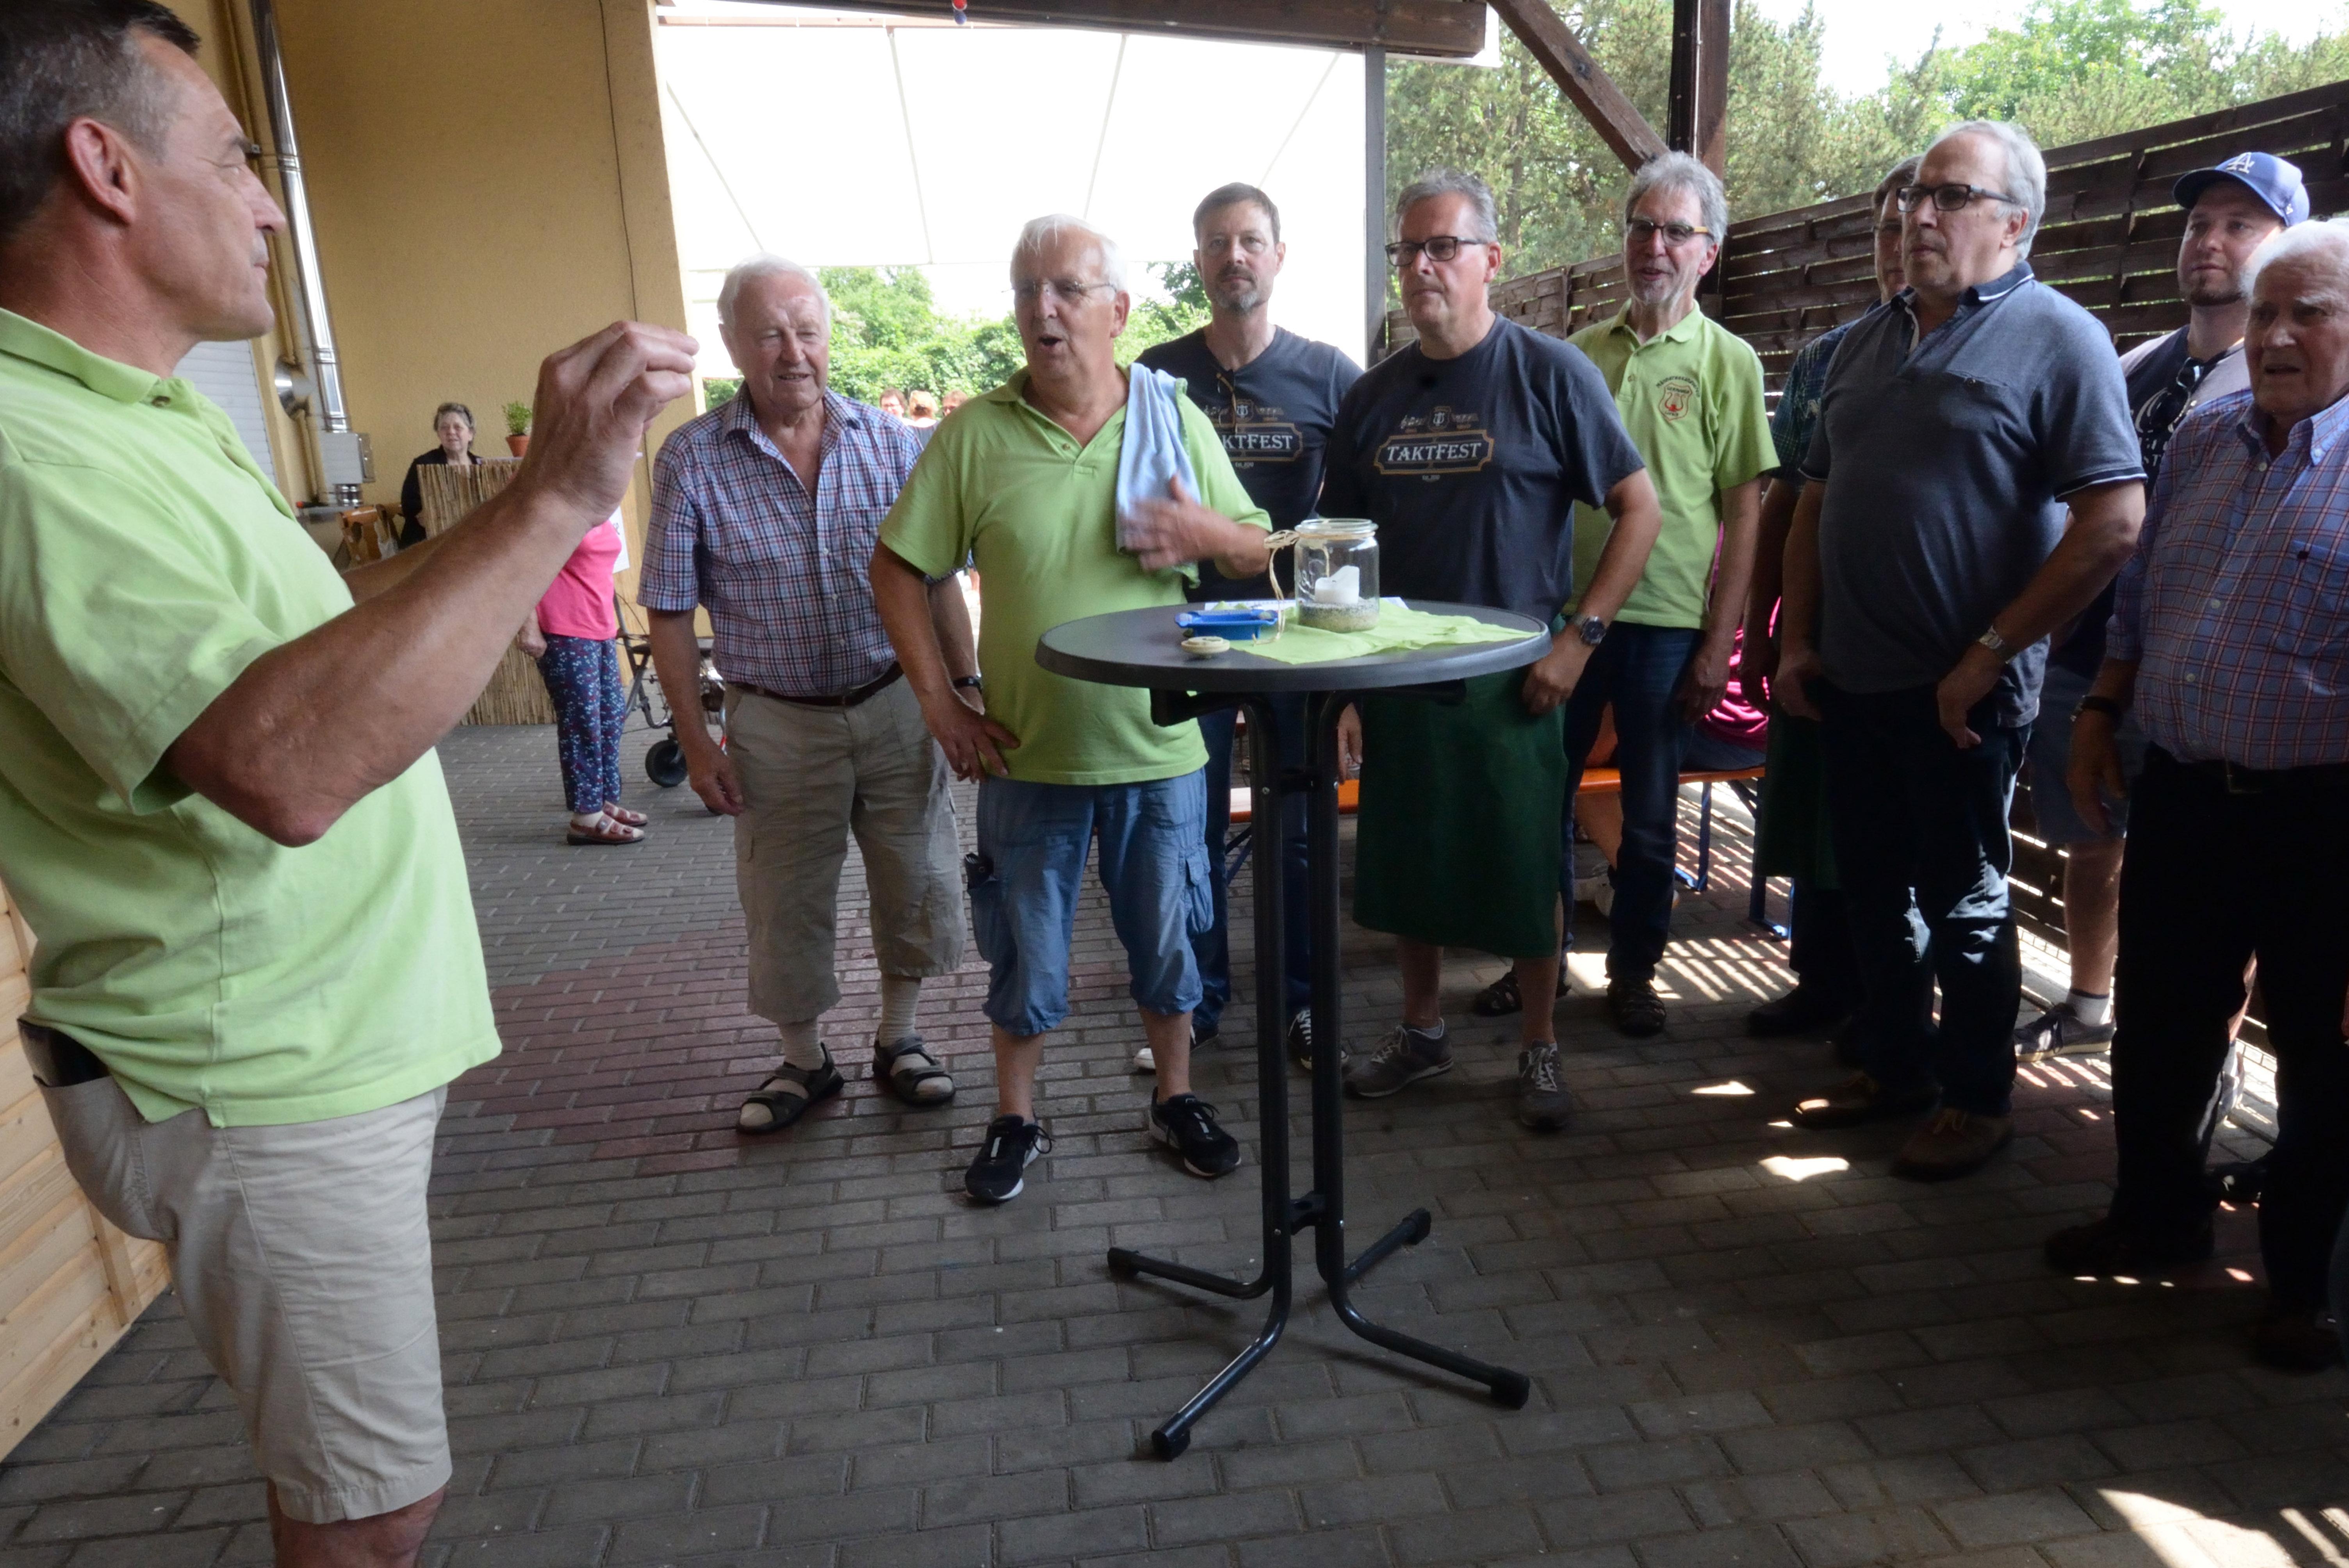 Sänger proben für Open Air Konzert